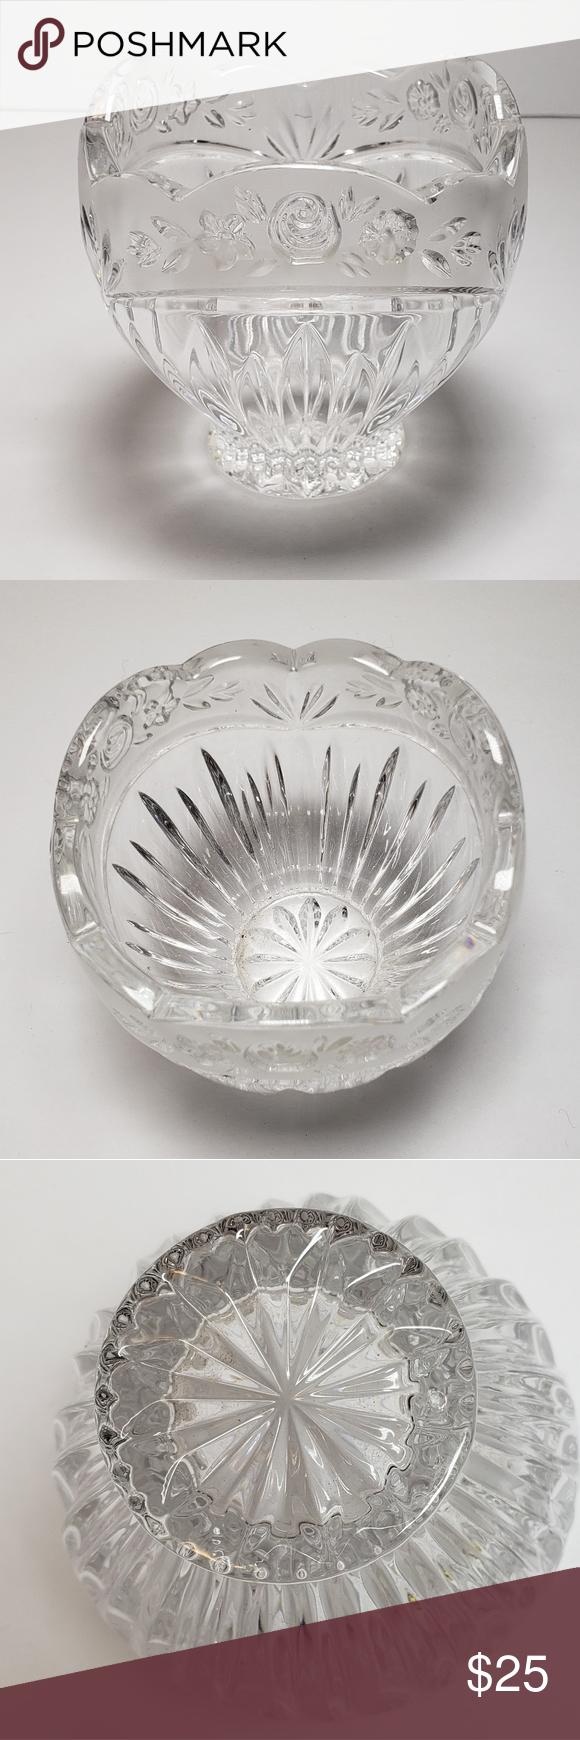 Bleikristal 24% Lead Crystal Bowl